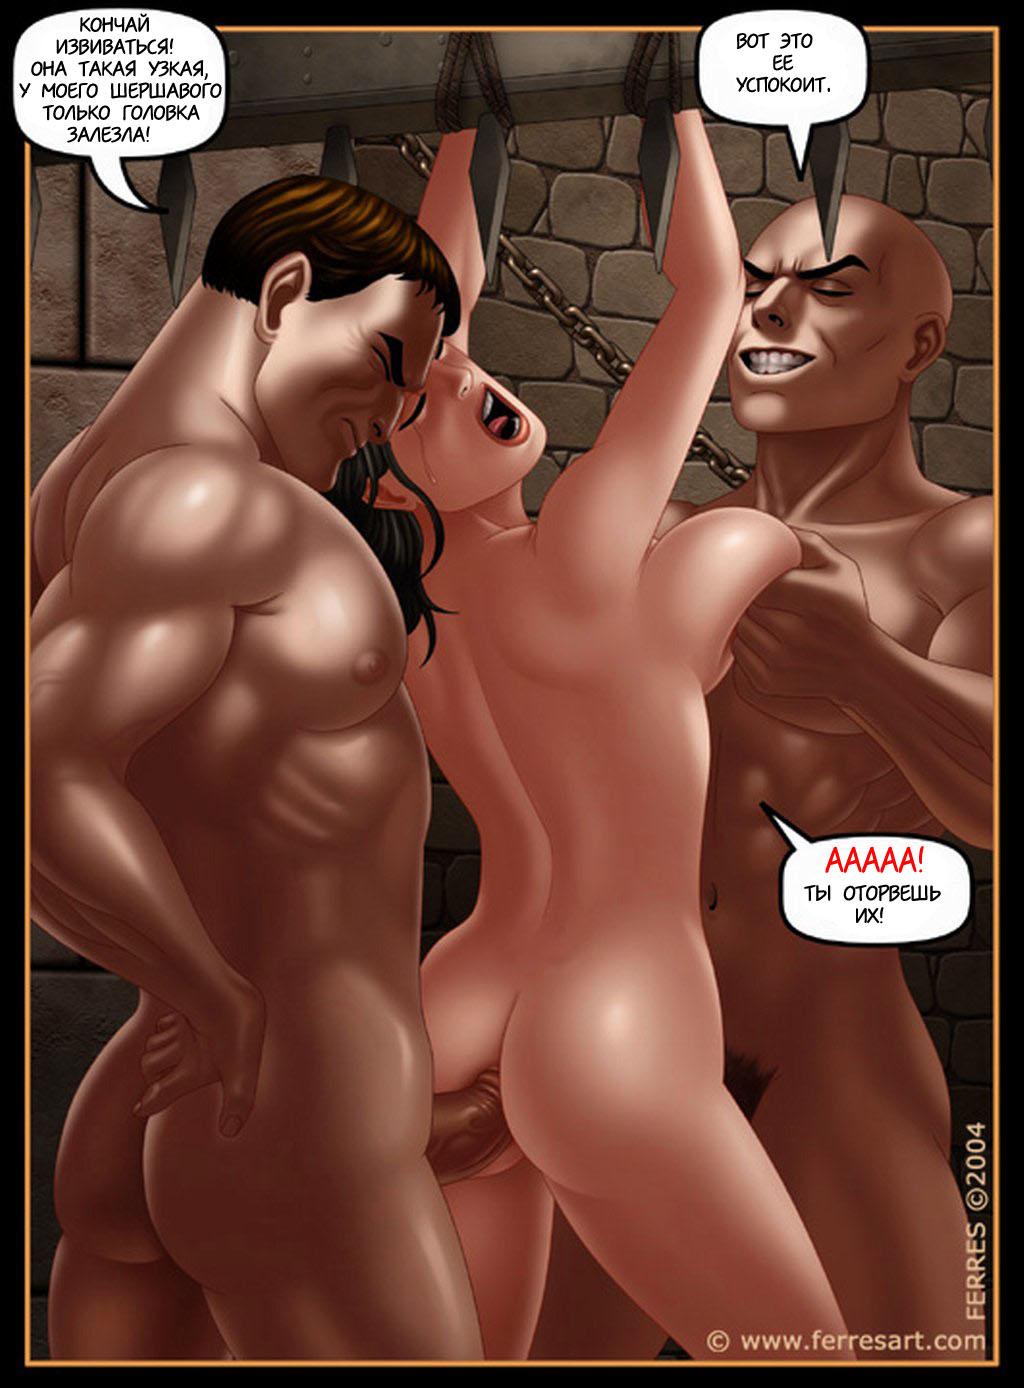 smotret-eroticheskie-filmi-seks-v-srednevekove